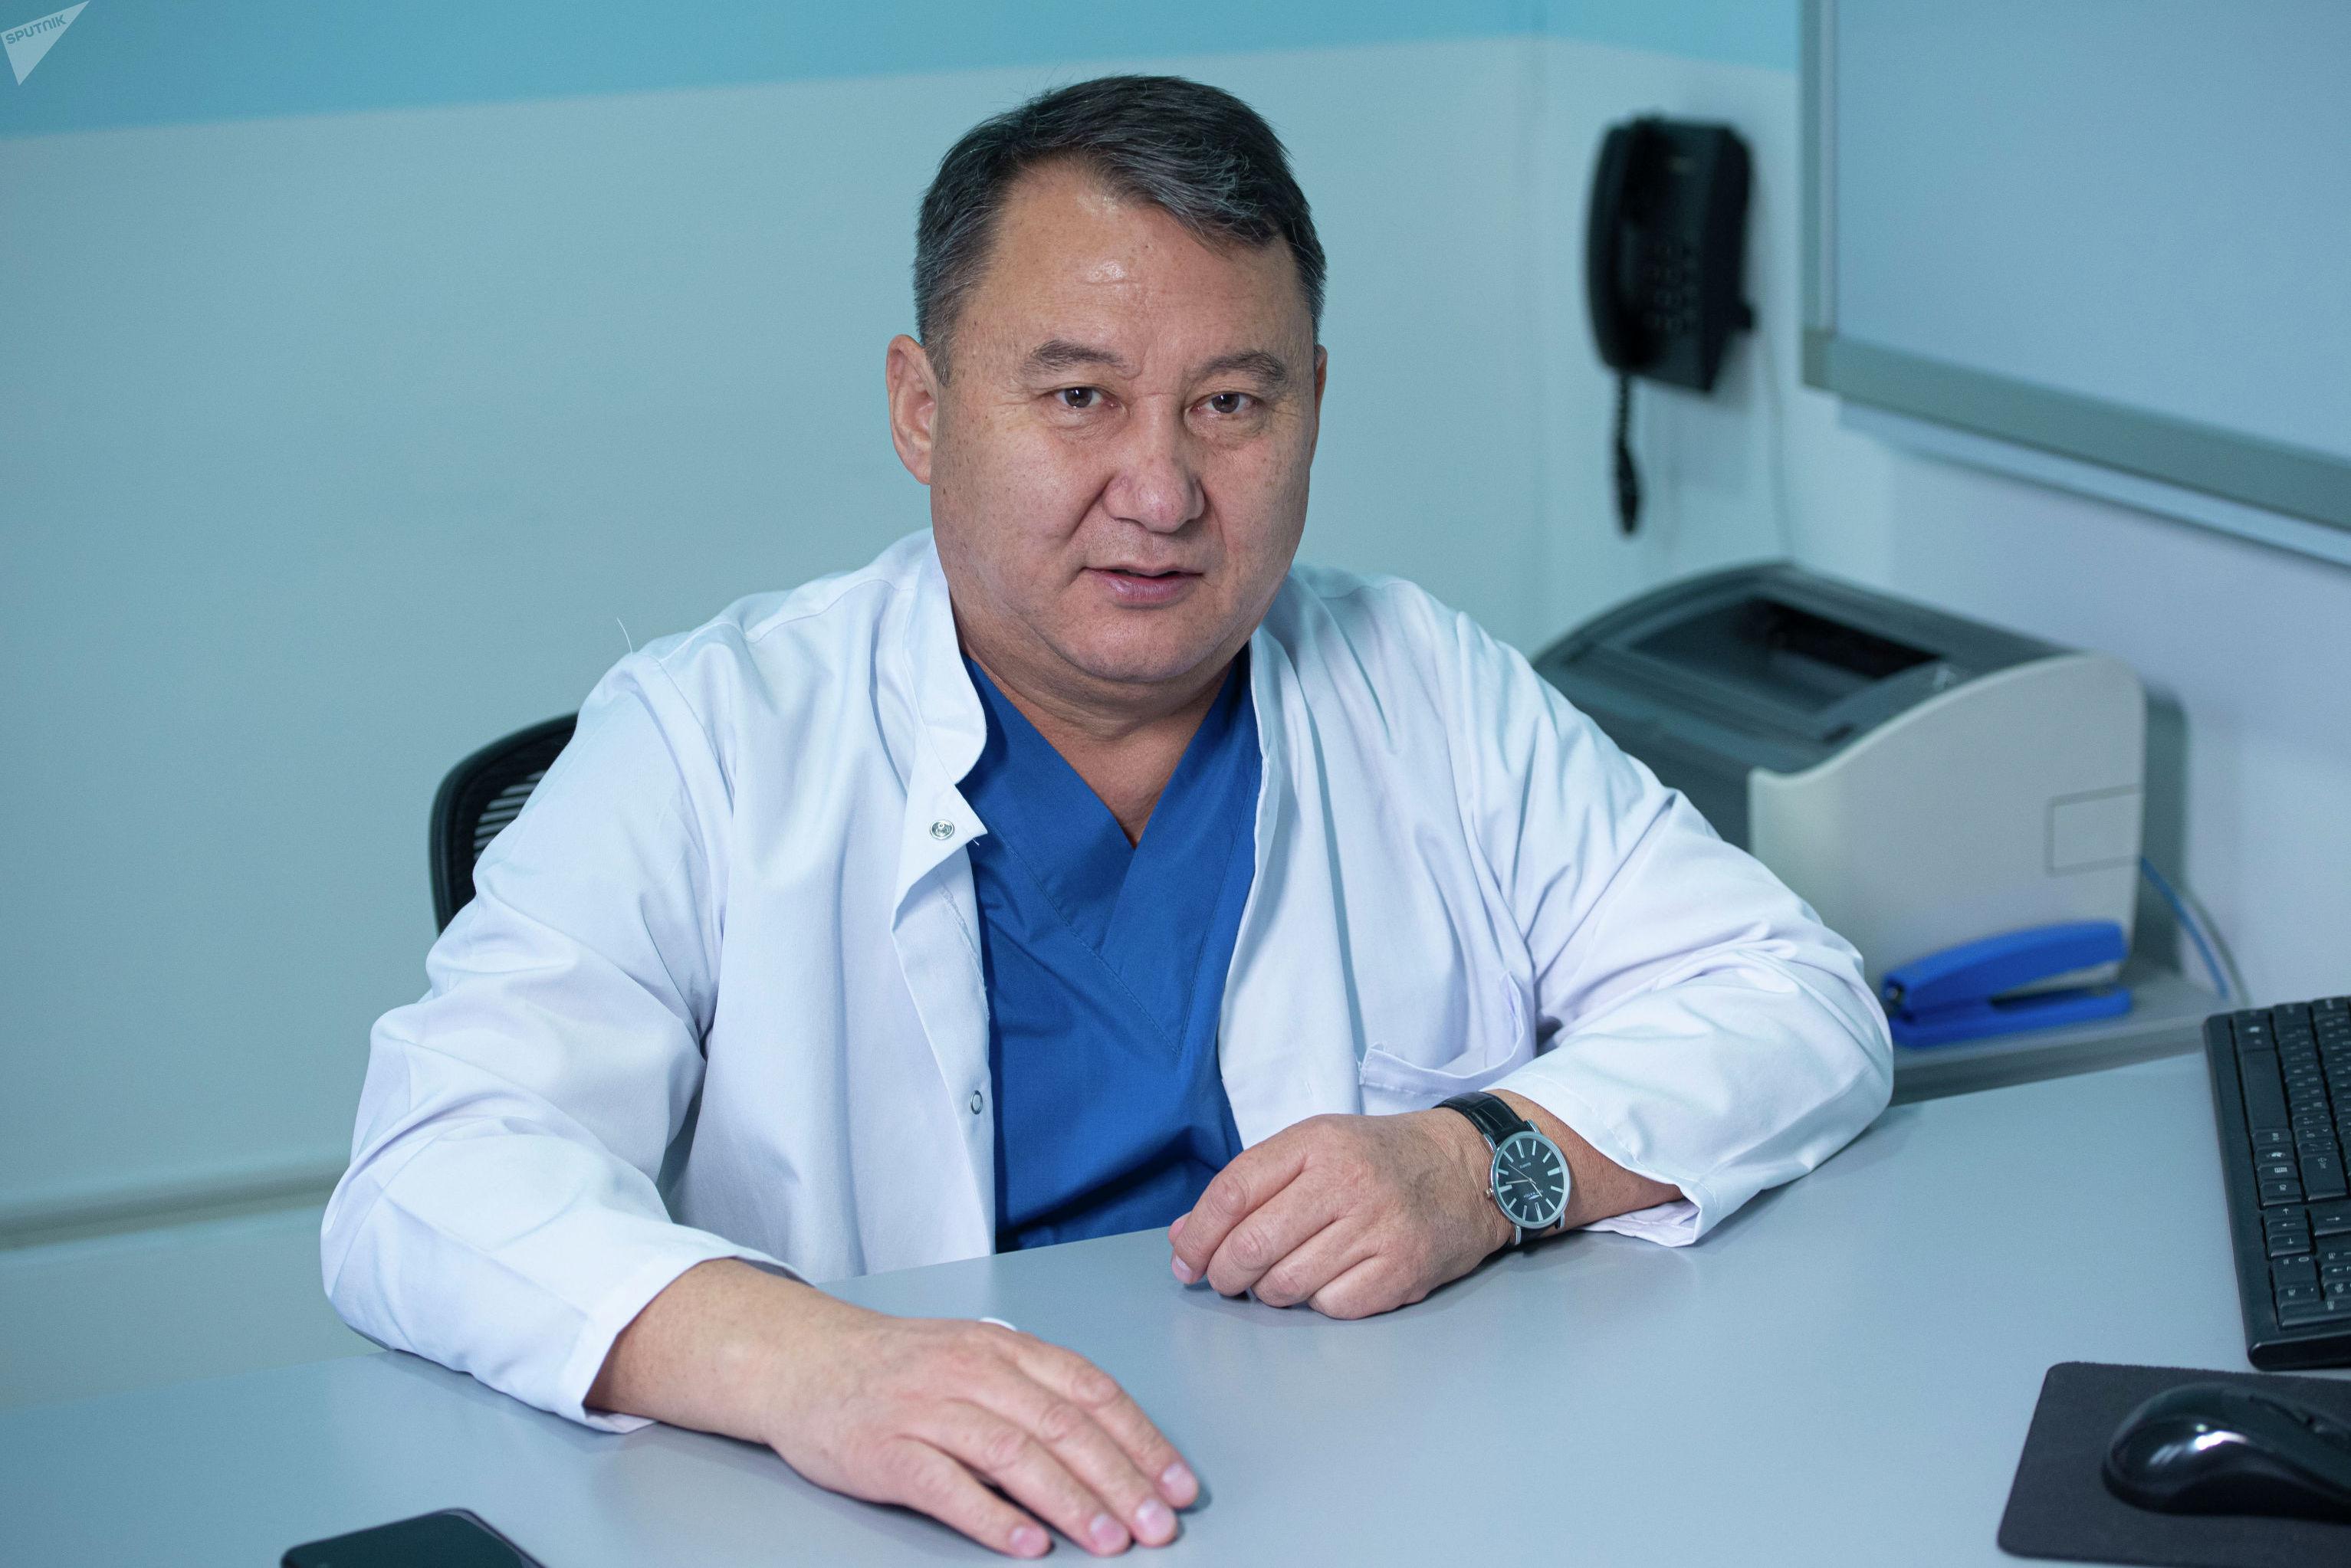 Кыргызстанский нейрохирург Абдыракман Дуйшобаев в своем кабинете